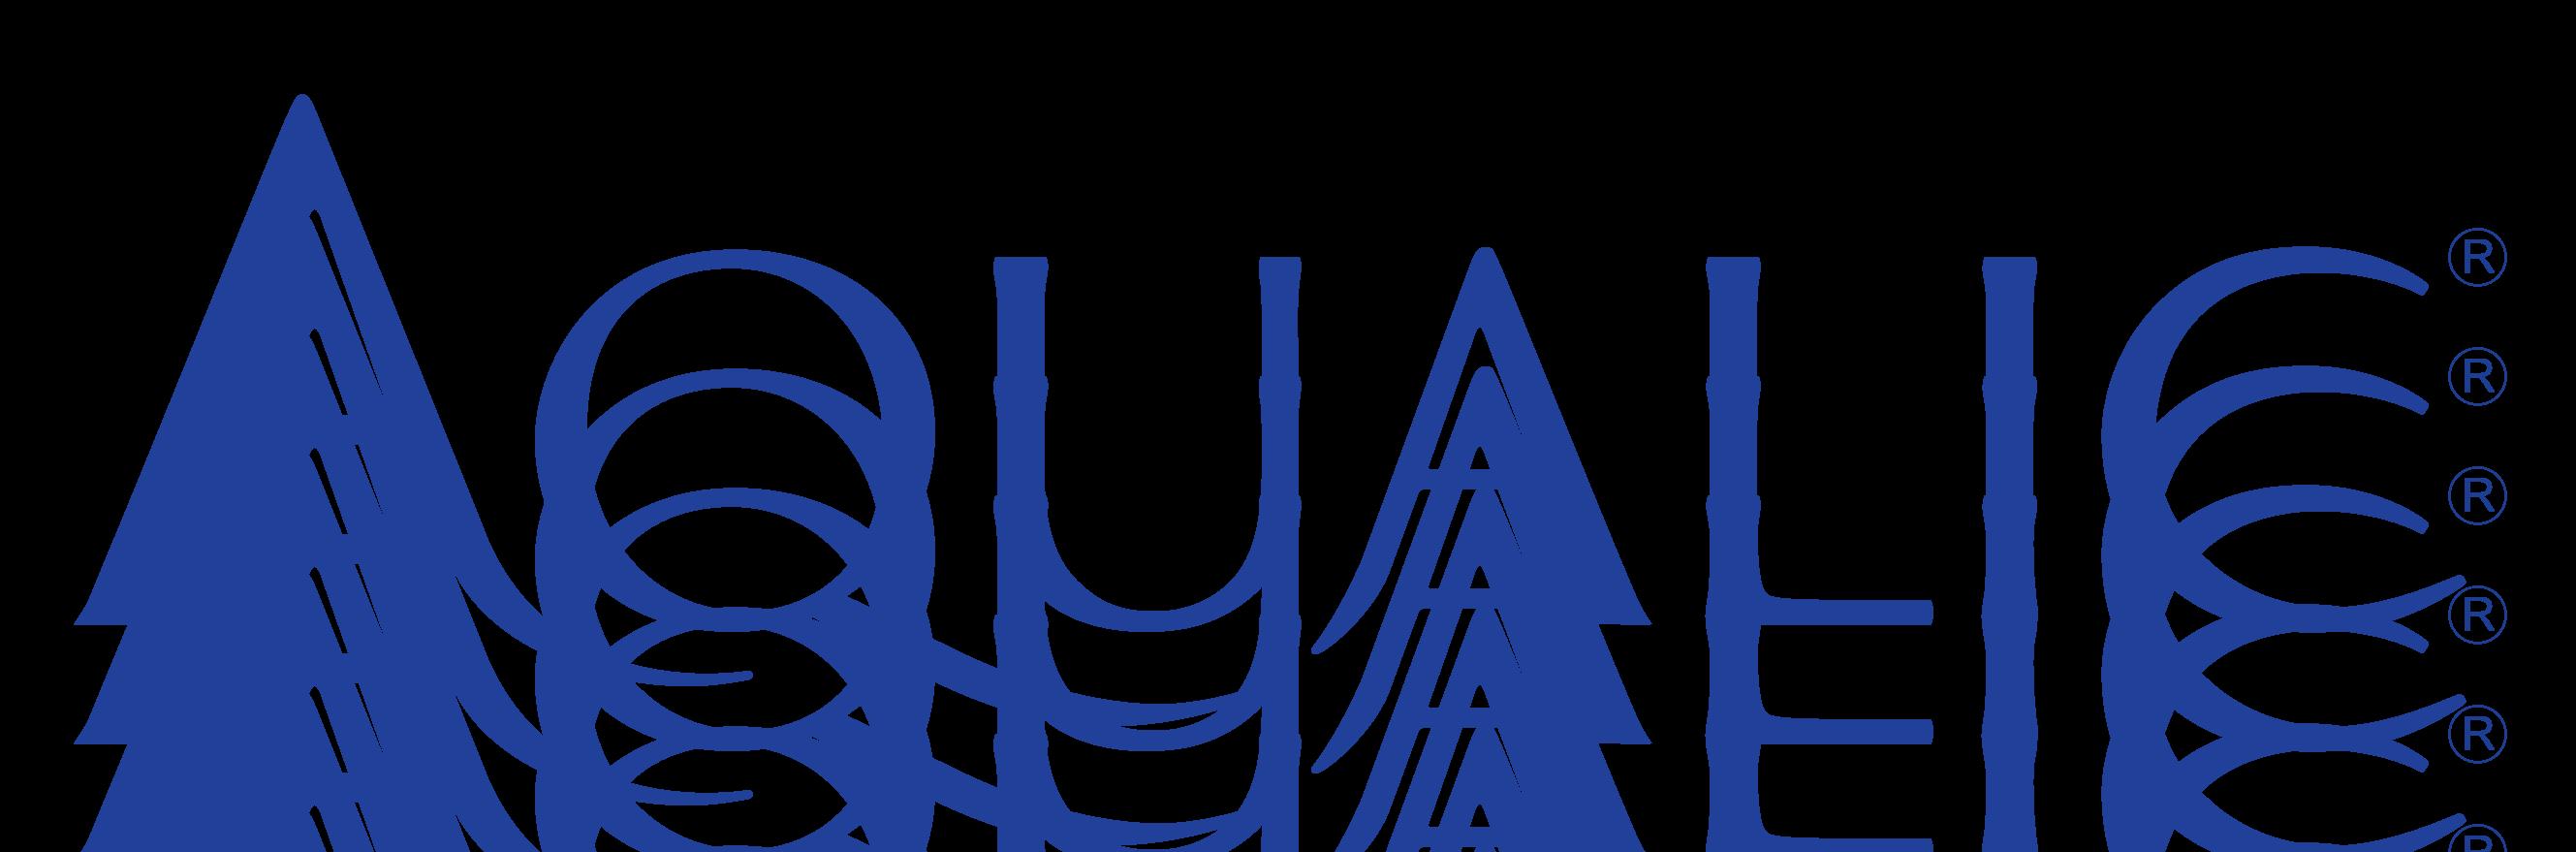 Aqualic